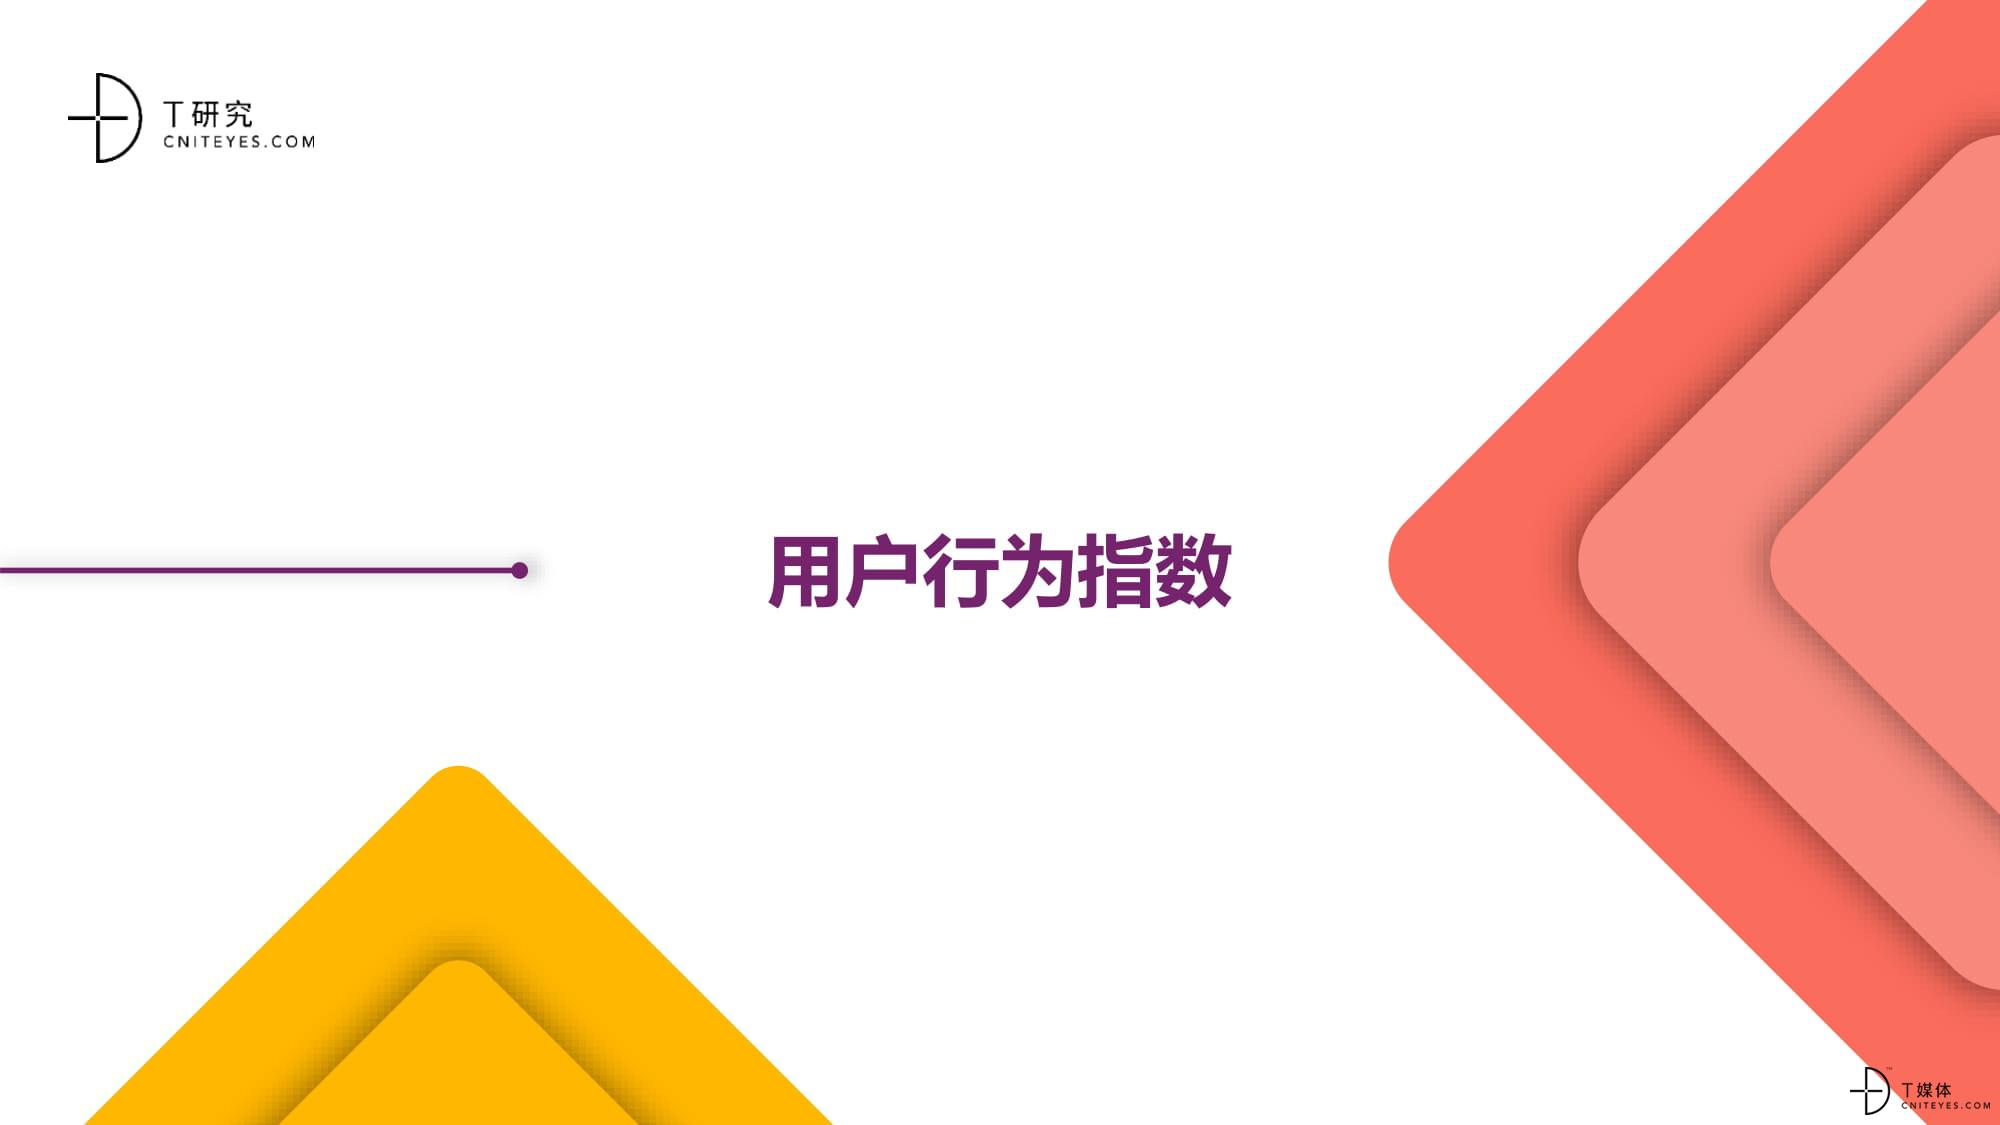 2020中国BI指数测评报告-10.jpg